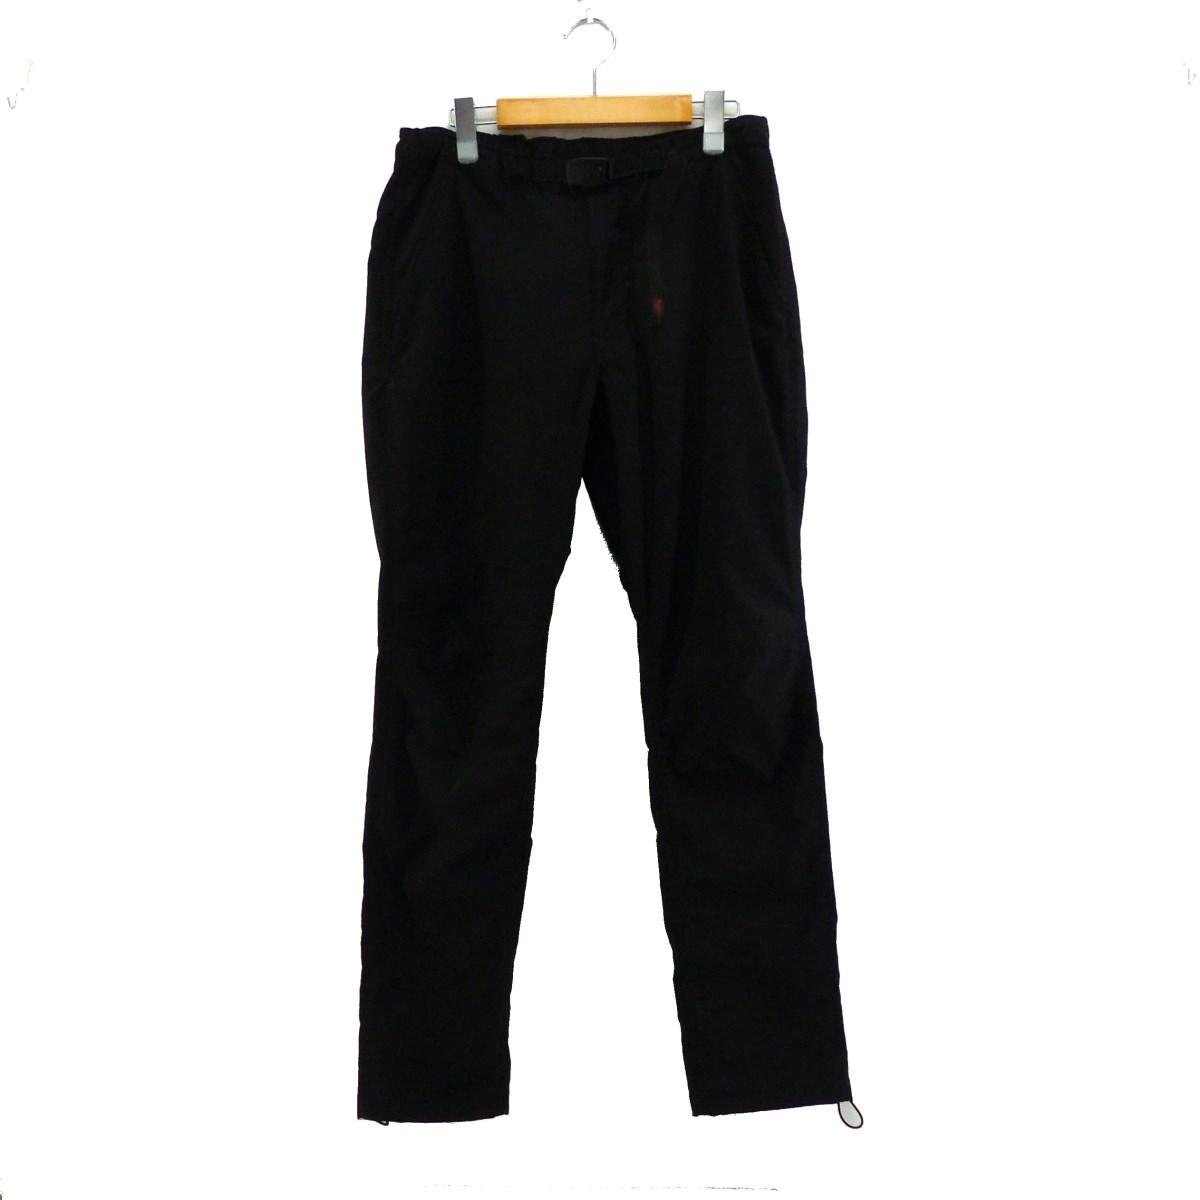 【中古】nonnative×GRAMICCI スタイリスト私物 CLIMBER EASY PANTS ブラック サイズ:1 【200320】(ノンネイティブ×グラミチ)